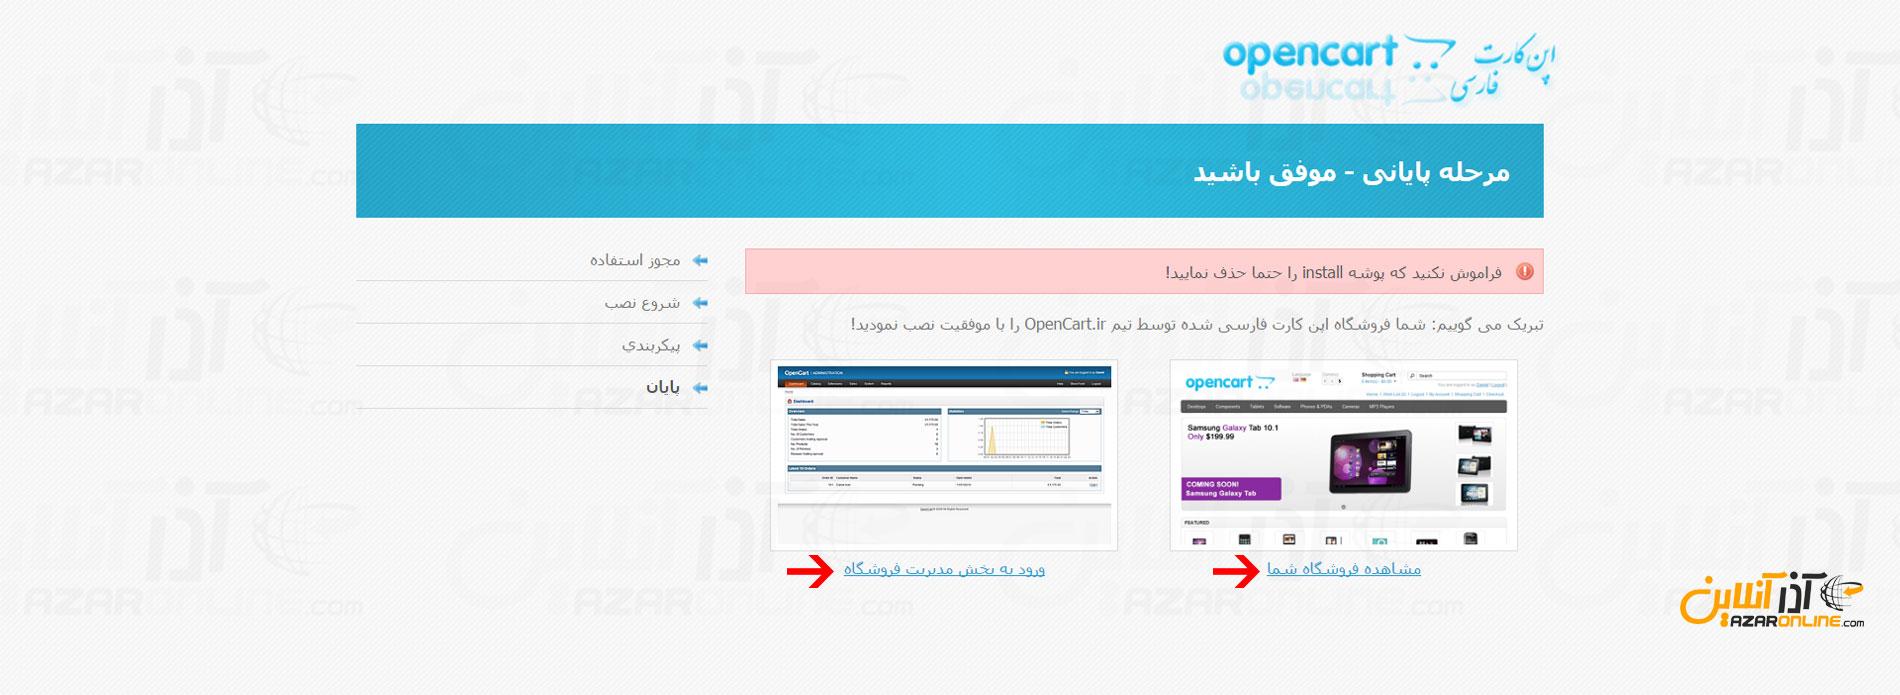 آموزش نصب فروشگاه ساز opencart - opencart نصب شد